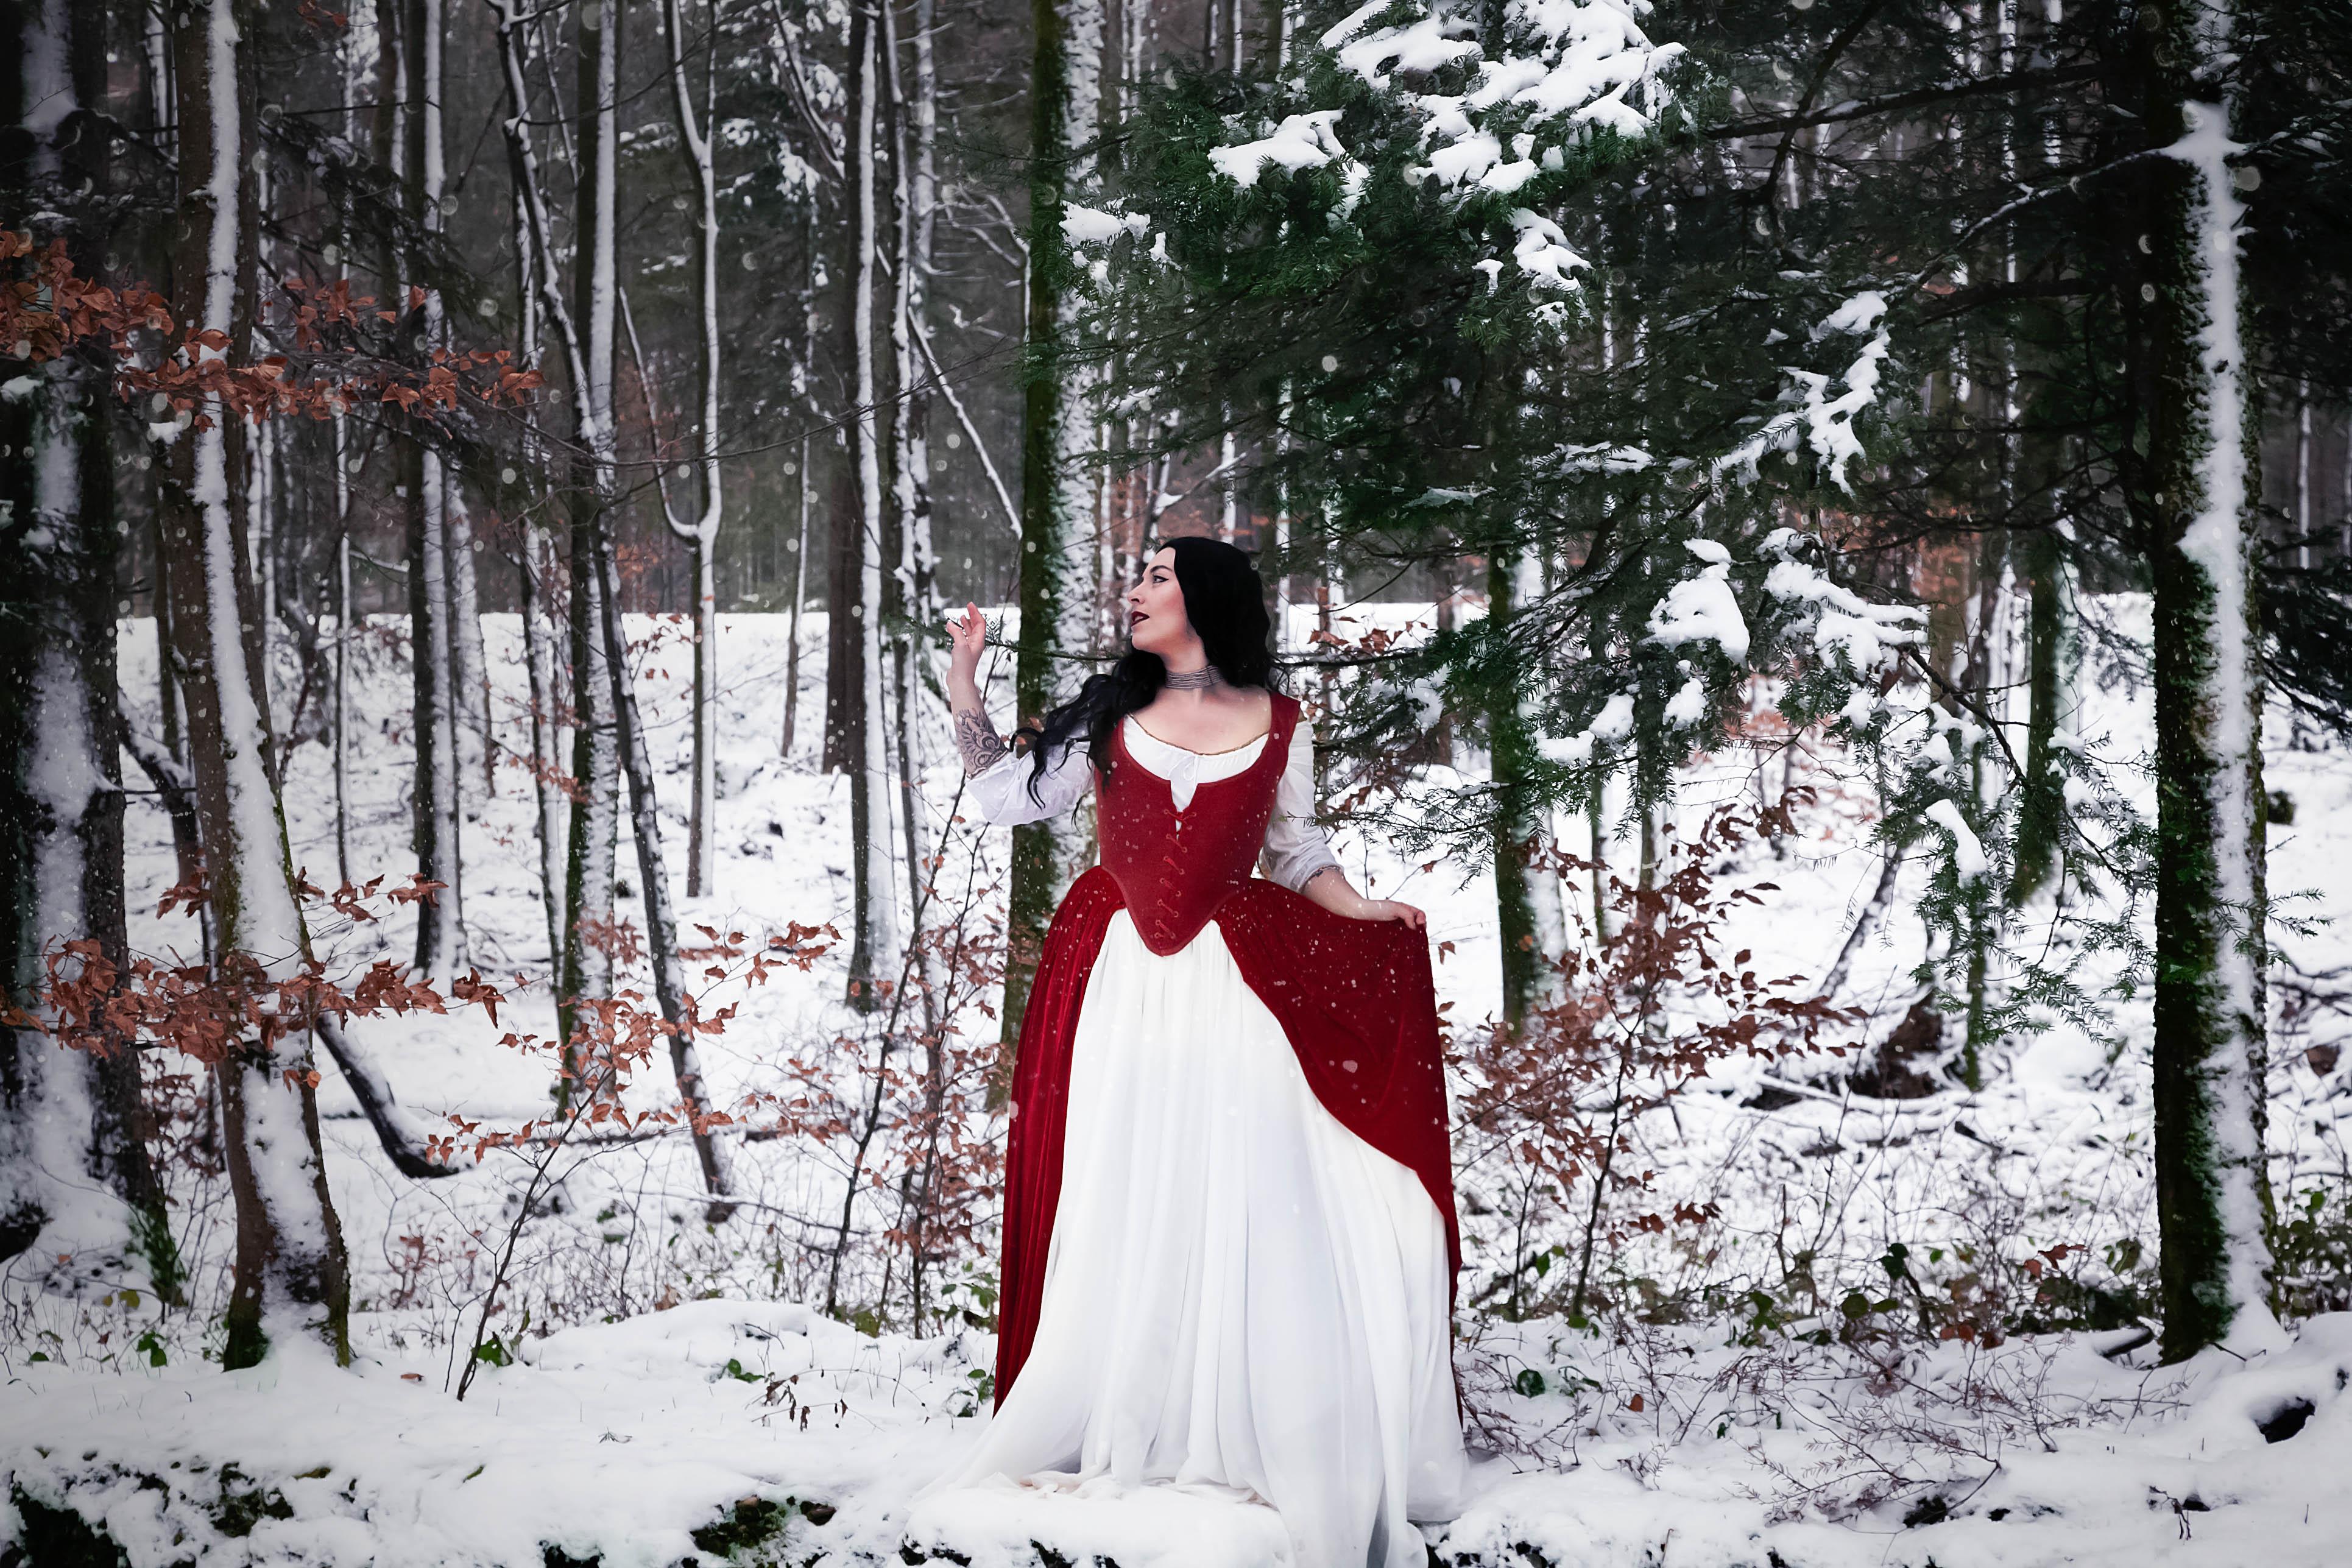 Robe corsetée et ses jupes Corps baleiné d'après une pièce originale de la fin du XVIIIe siècle. Par la Maison Charlie Grilhé